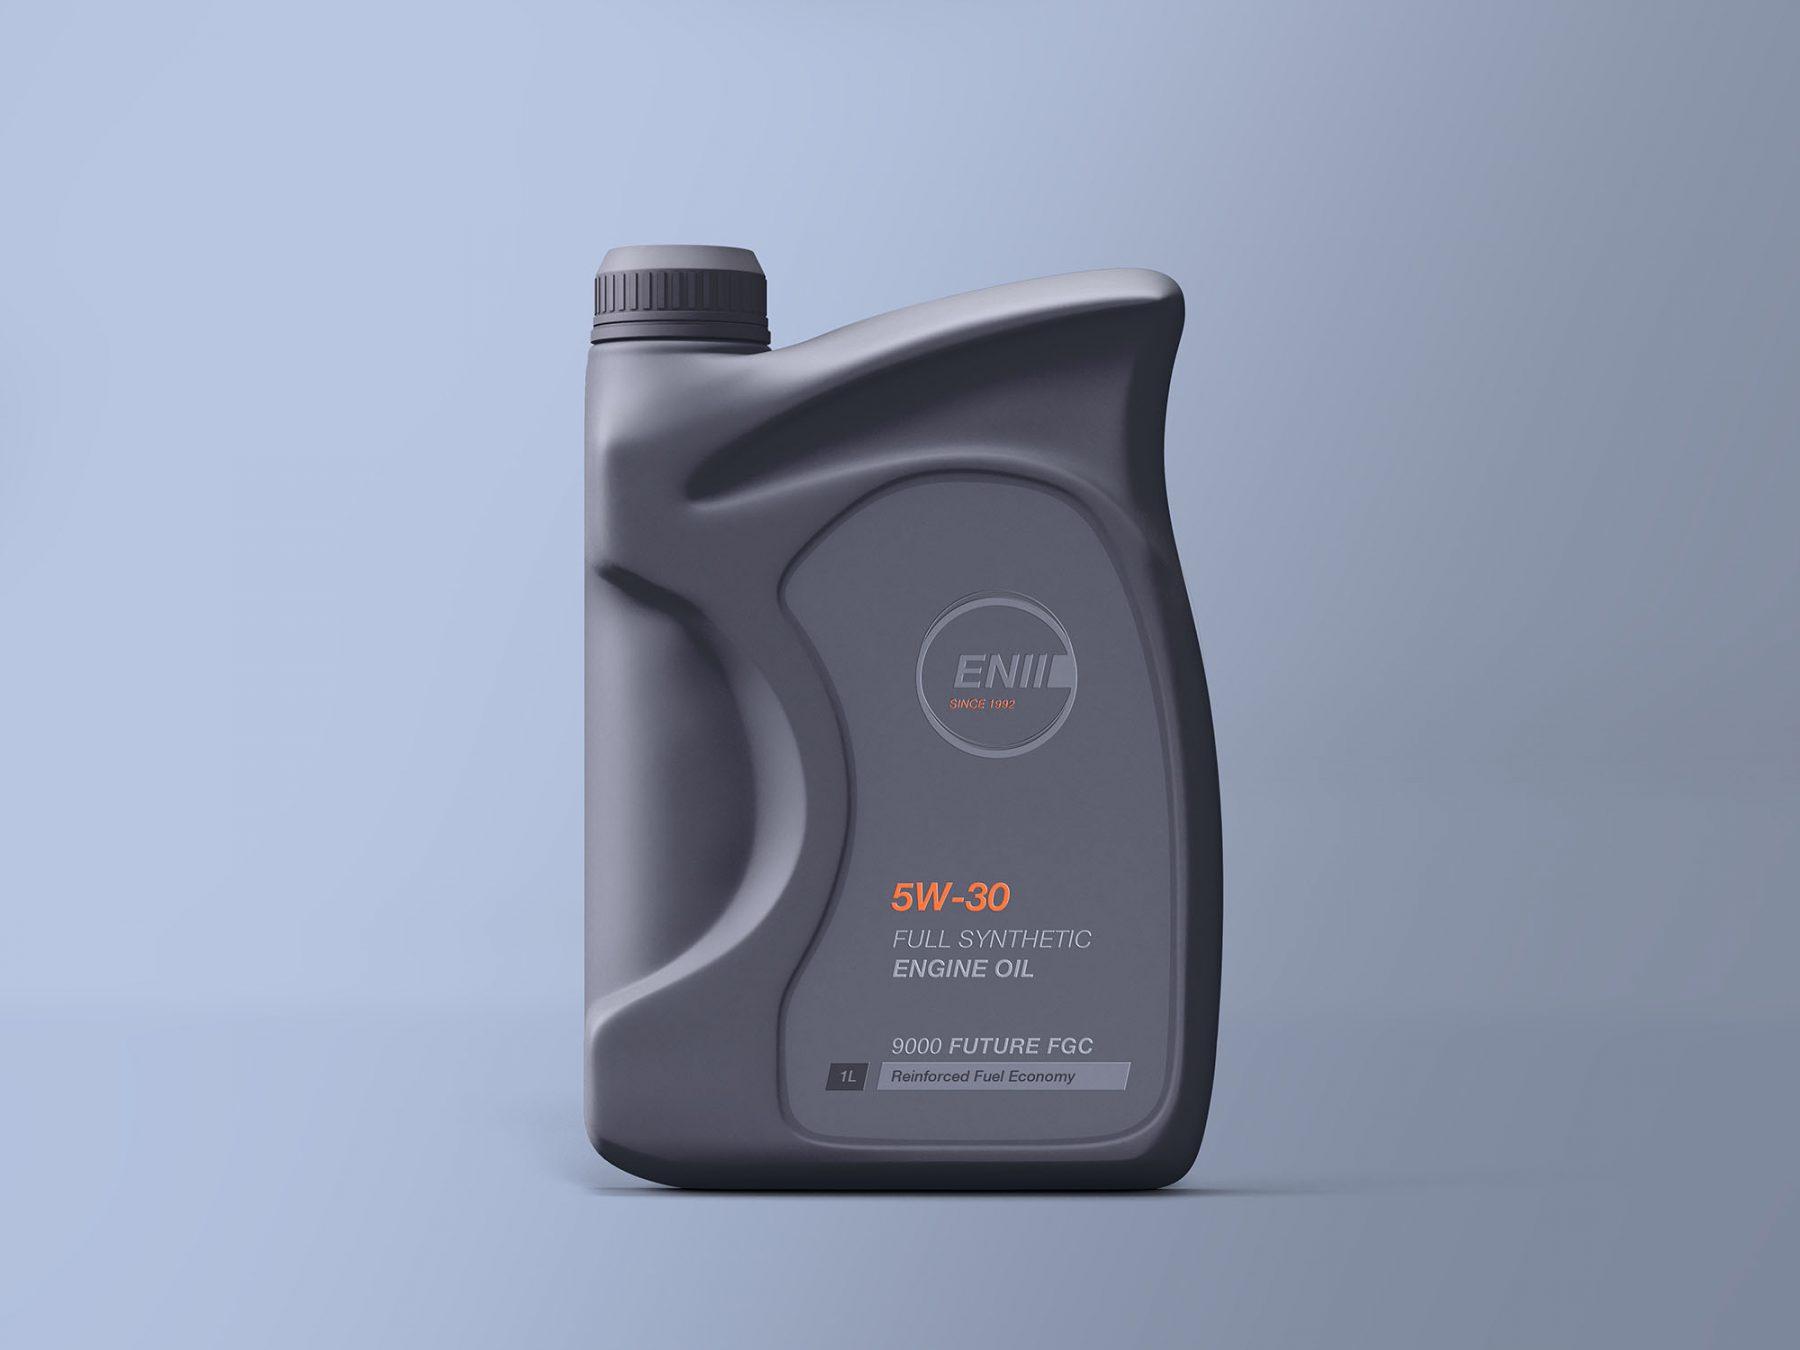 Free Engine Oil Bottle Mockup